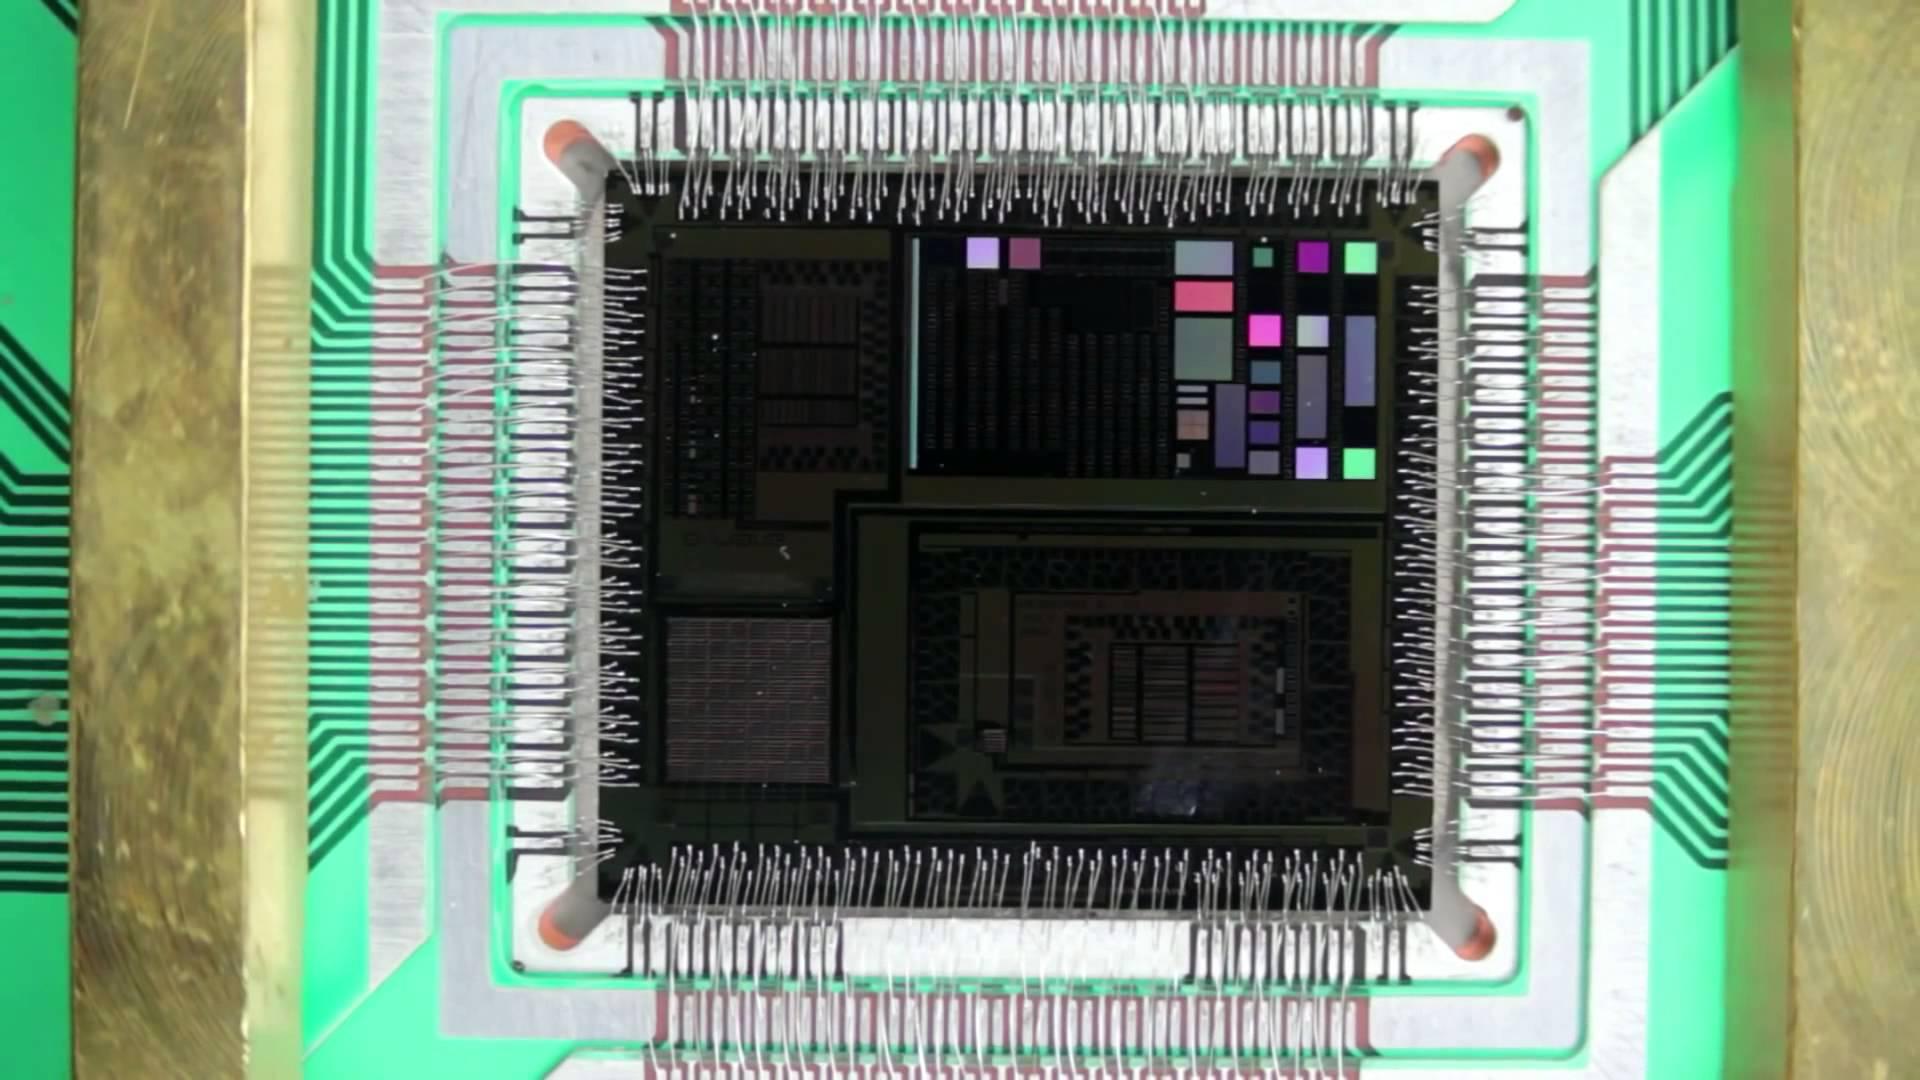 گوگل ادعا می کند که کامپیوترهای کوانتومی ۱۰۰ میلیون برابر سریعتر کار می کنند